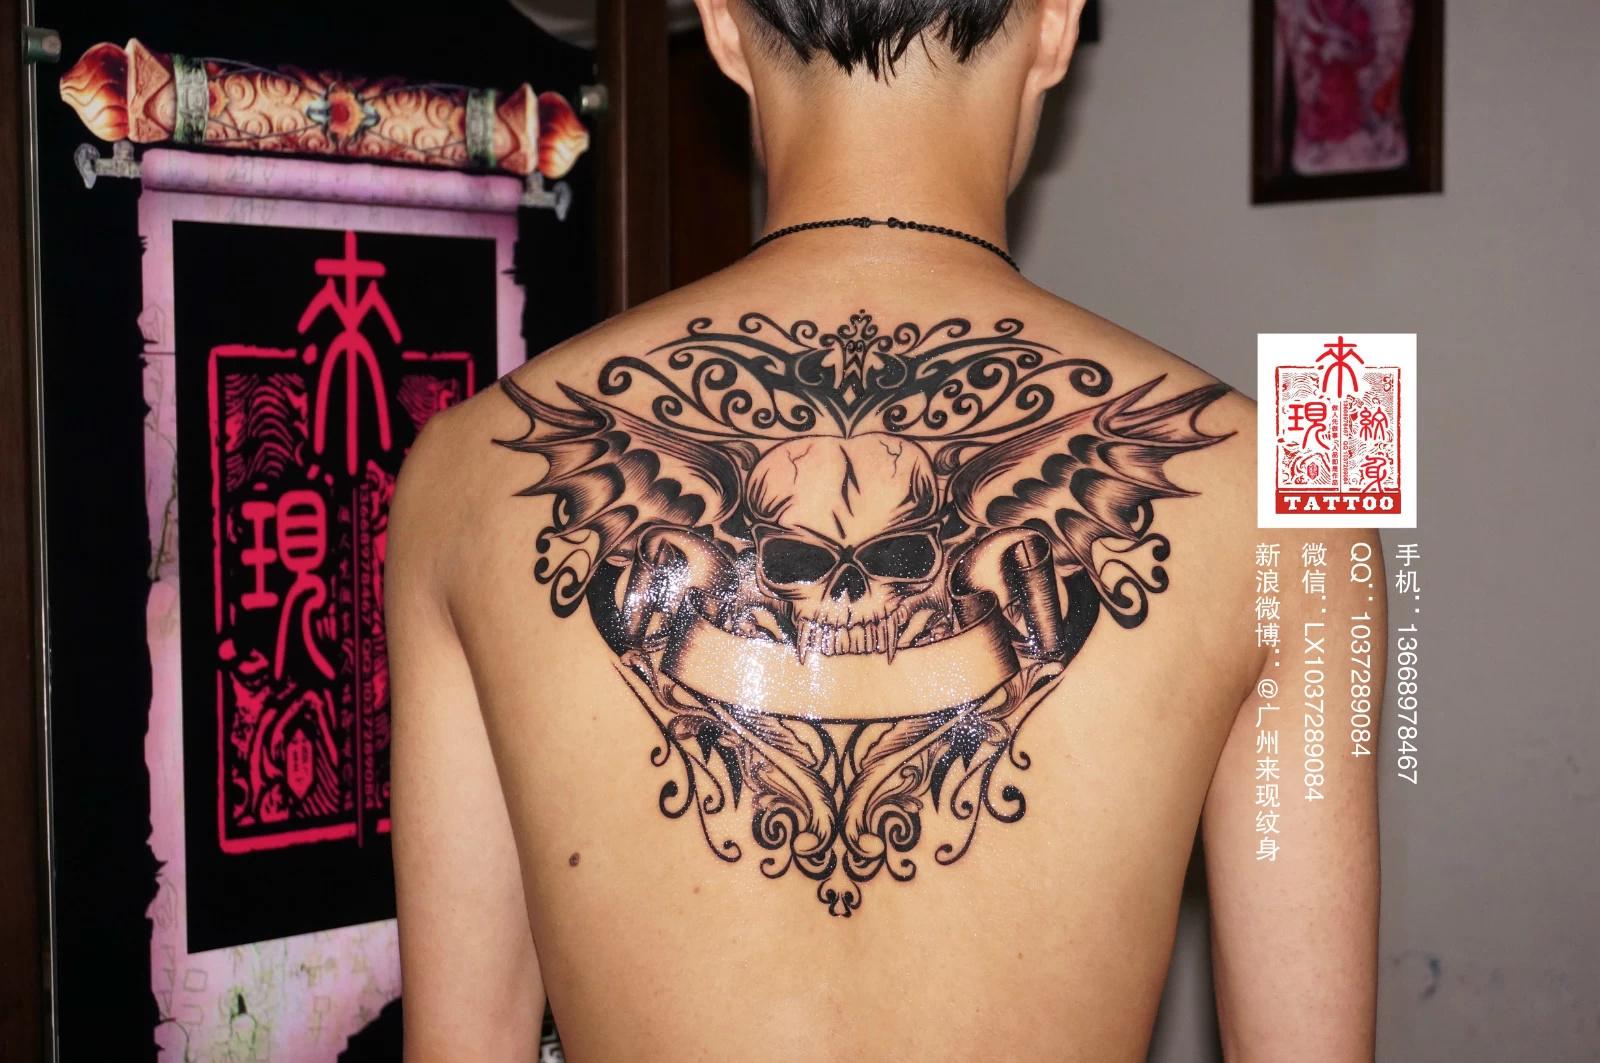 背后修改旧纹身操作过程!